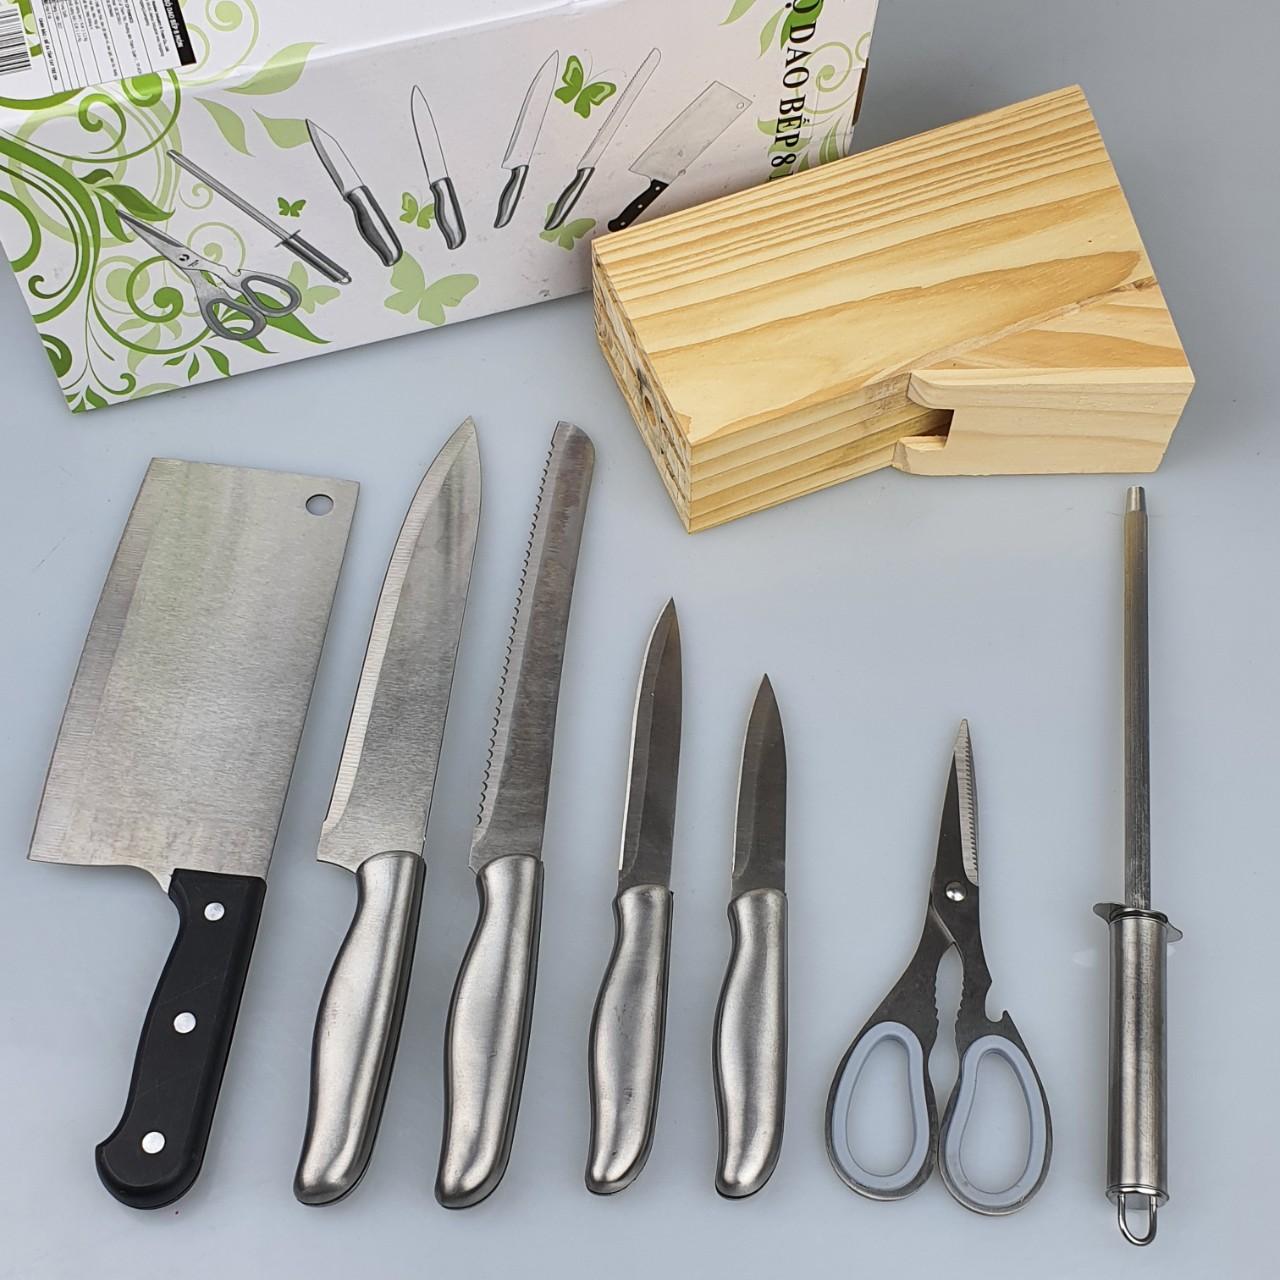 Bộ Dao Inox 8 Món Nhà Bếp FI-017 Có Hộp Đựng Gỗ Tiện Dụng Gồm Các Loại Dao,Kéo,Dụng Cụ Mài Cao Cấp